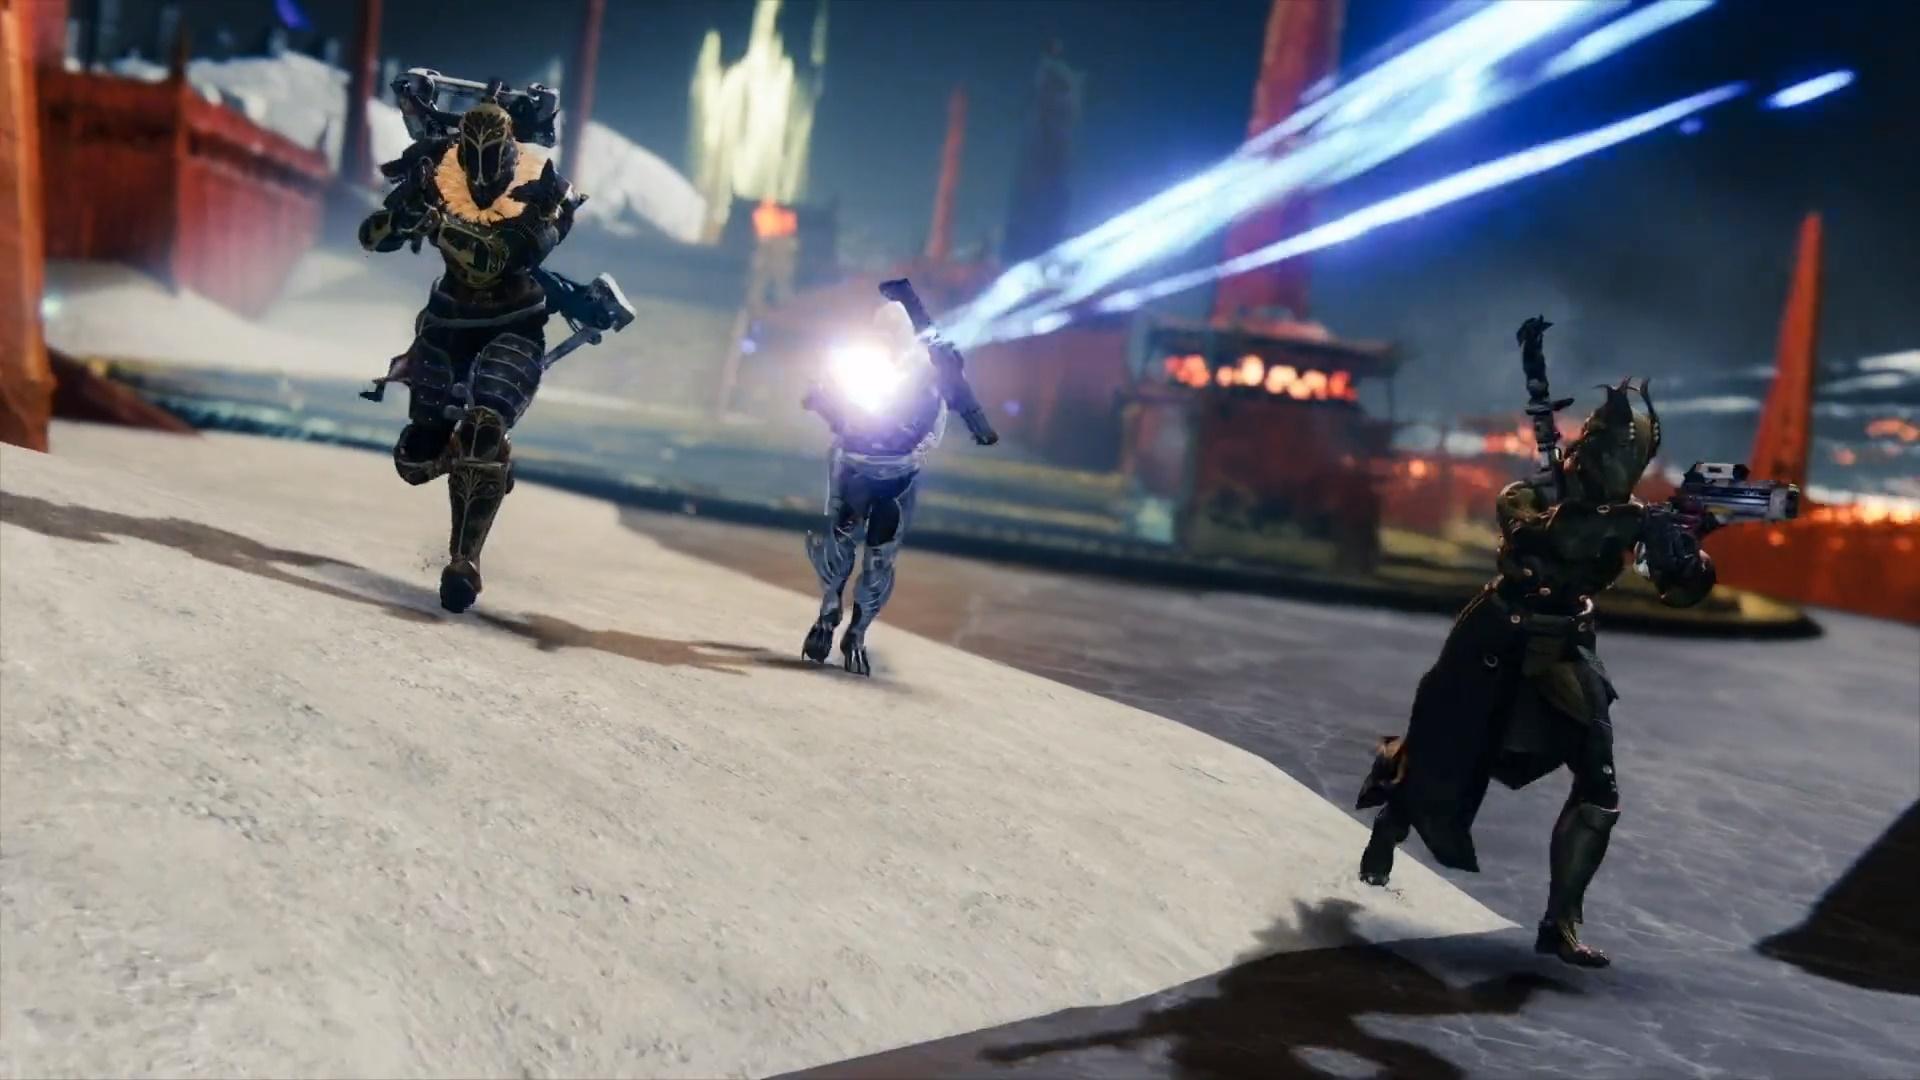 Der Battle Pass von Destiny 2 bleibt bei deinem Guardian, egal wo du spielst